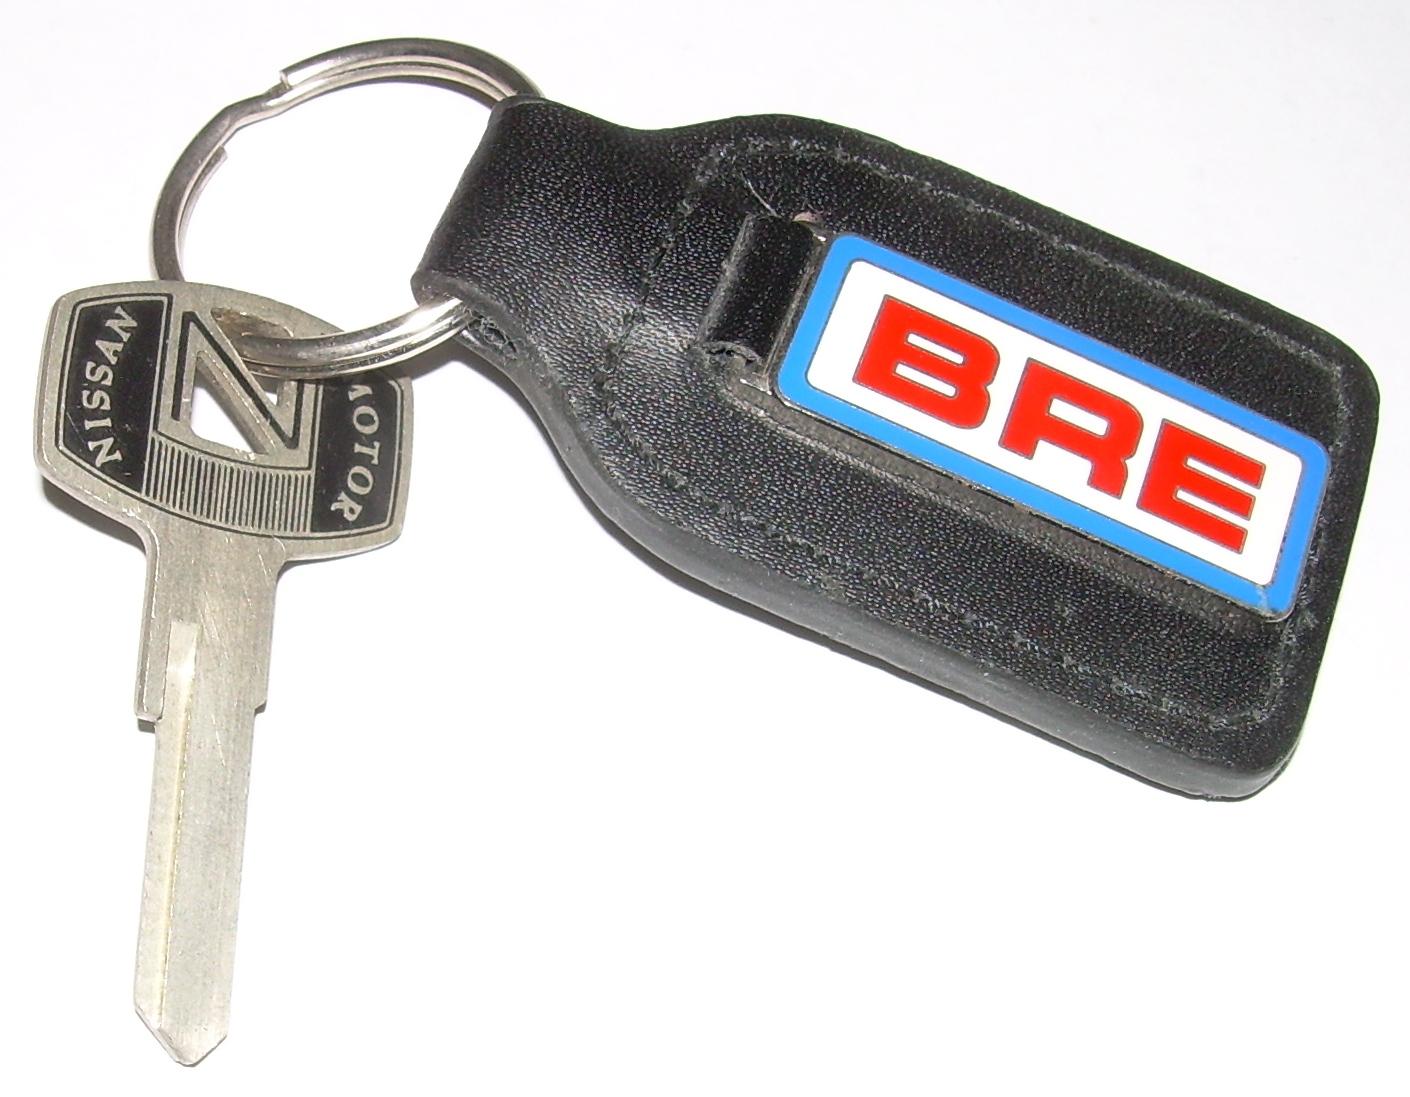 BRE Key Fob